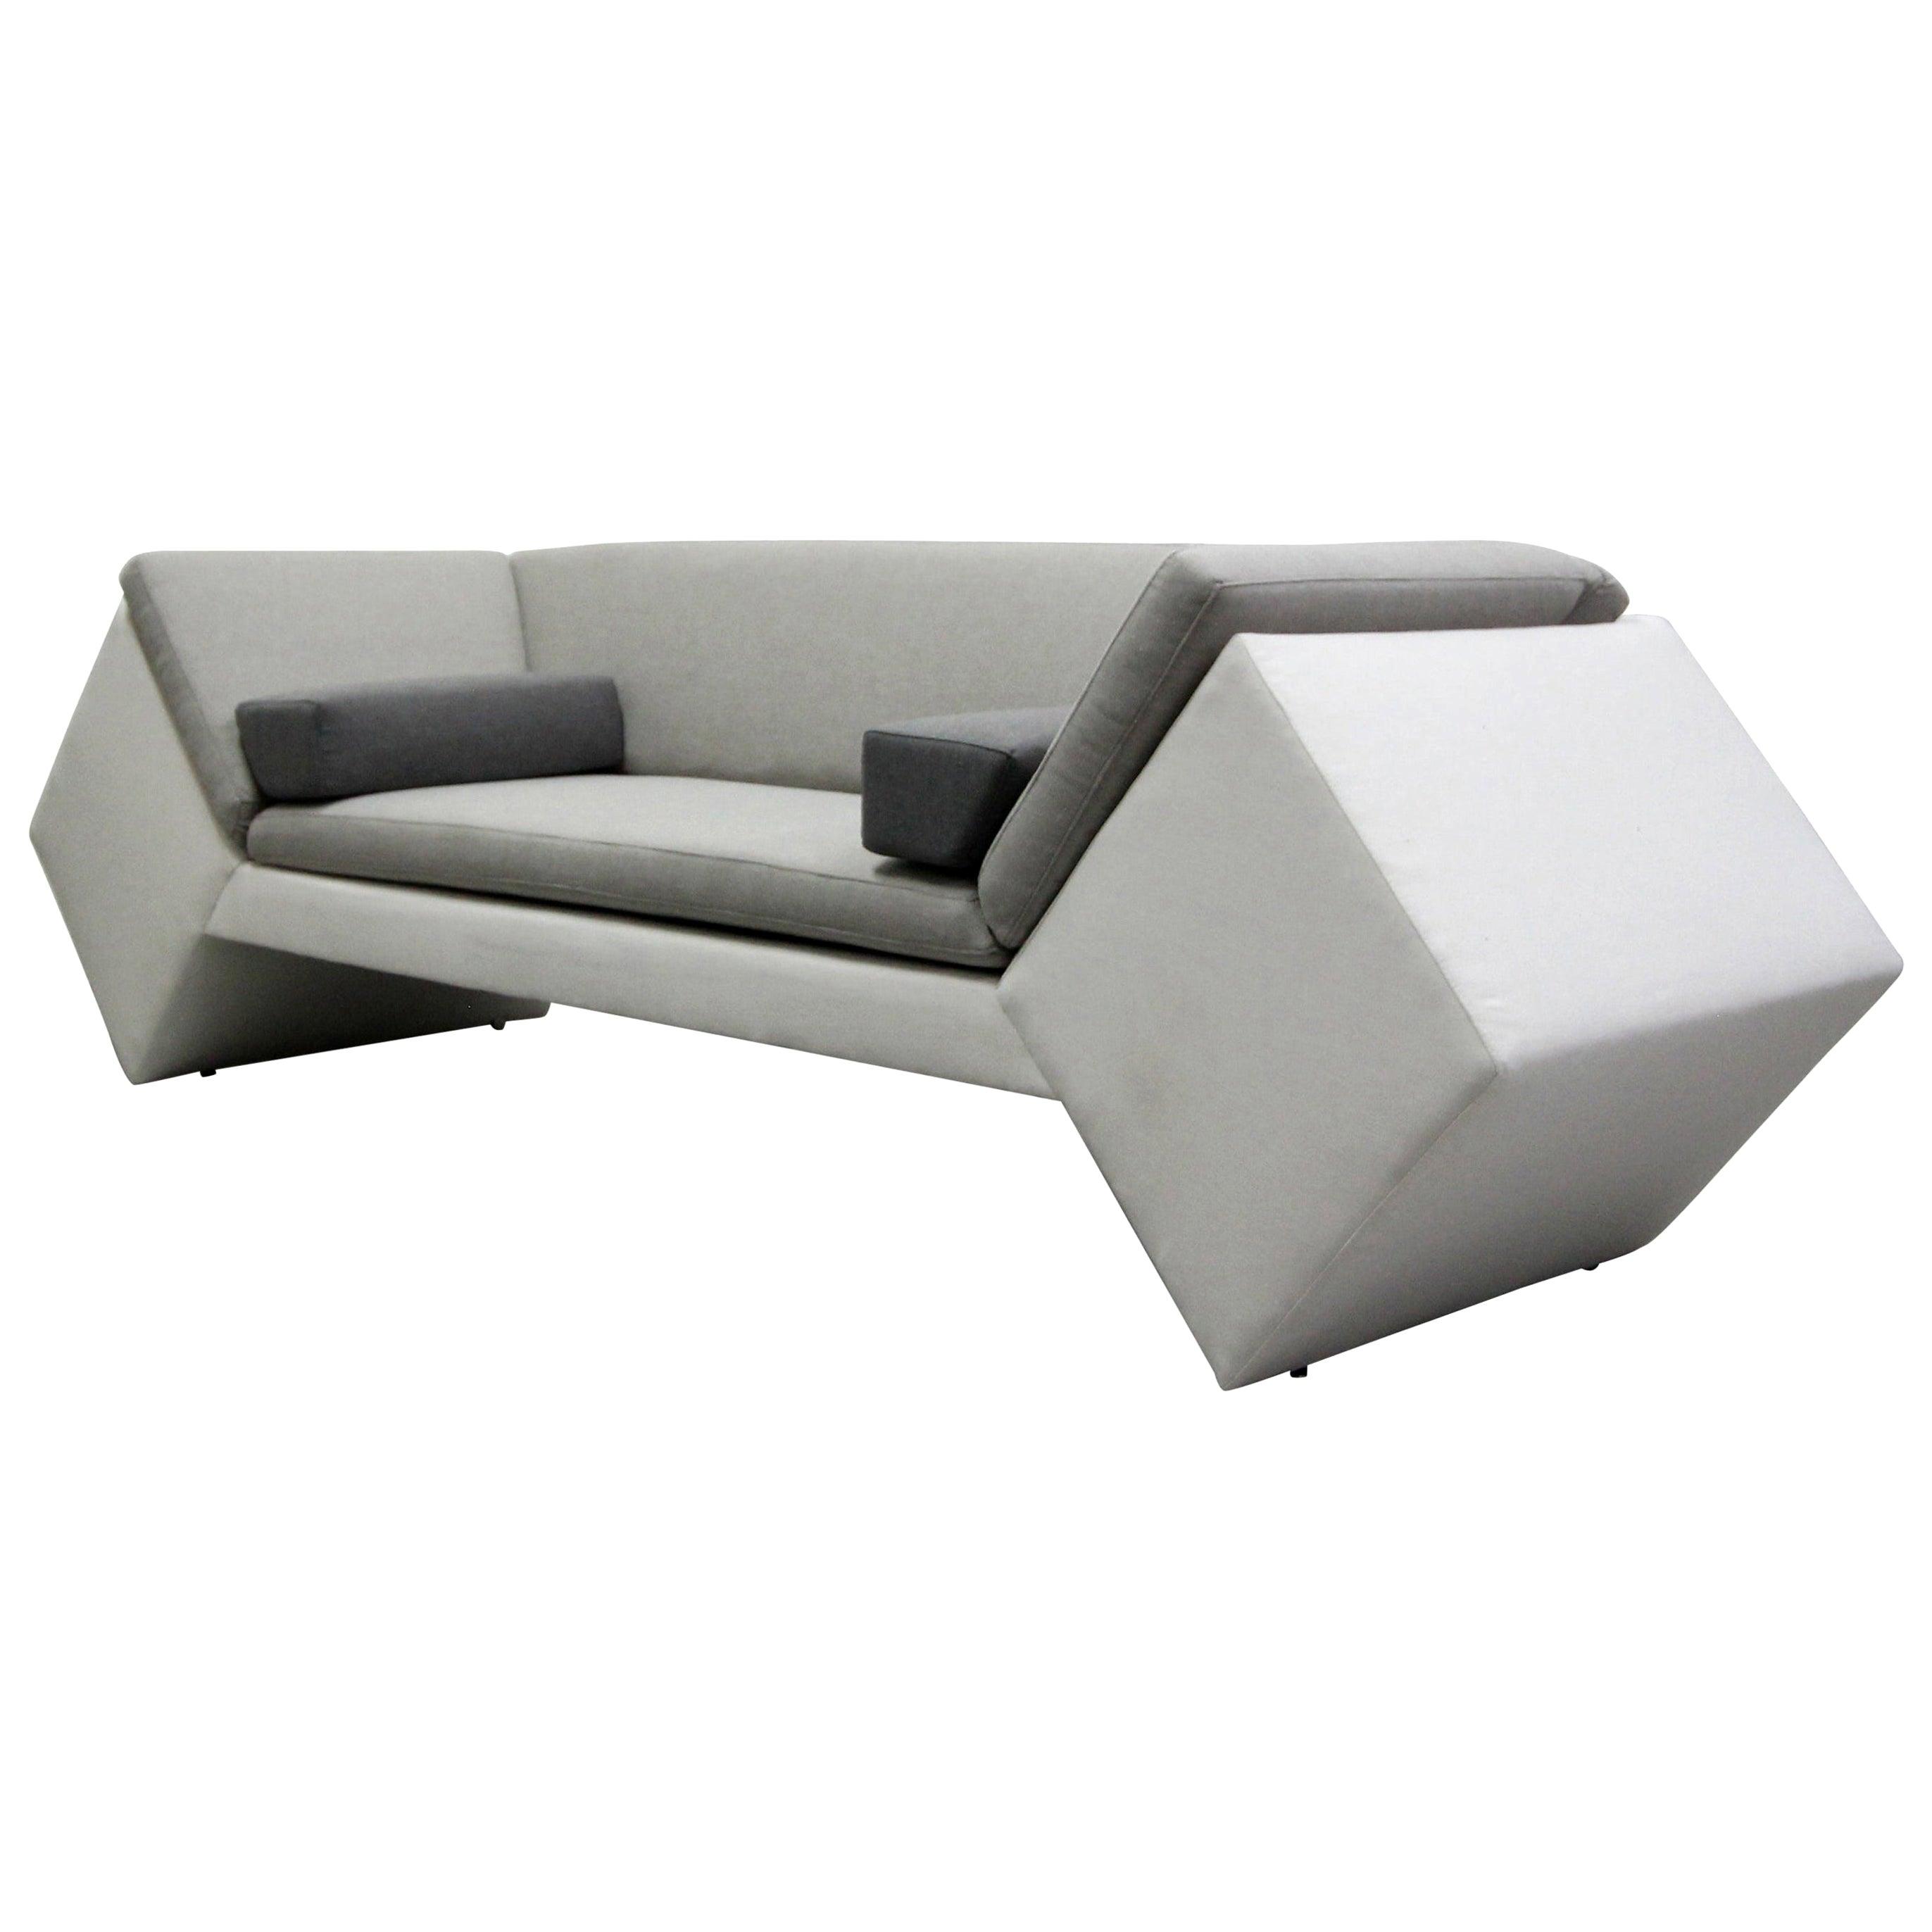 Postmodern Geometric Sofa by Thayer Coggin